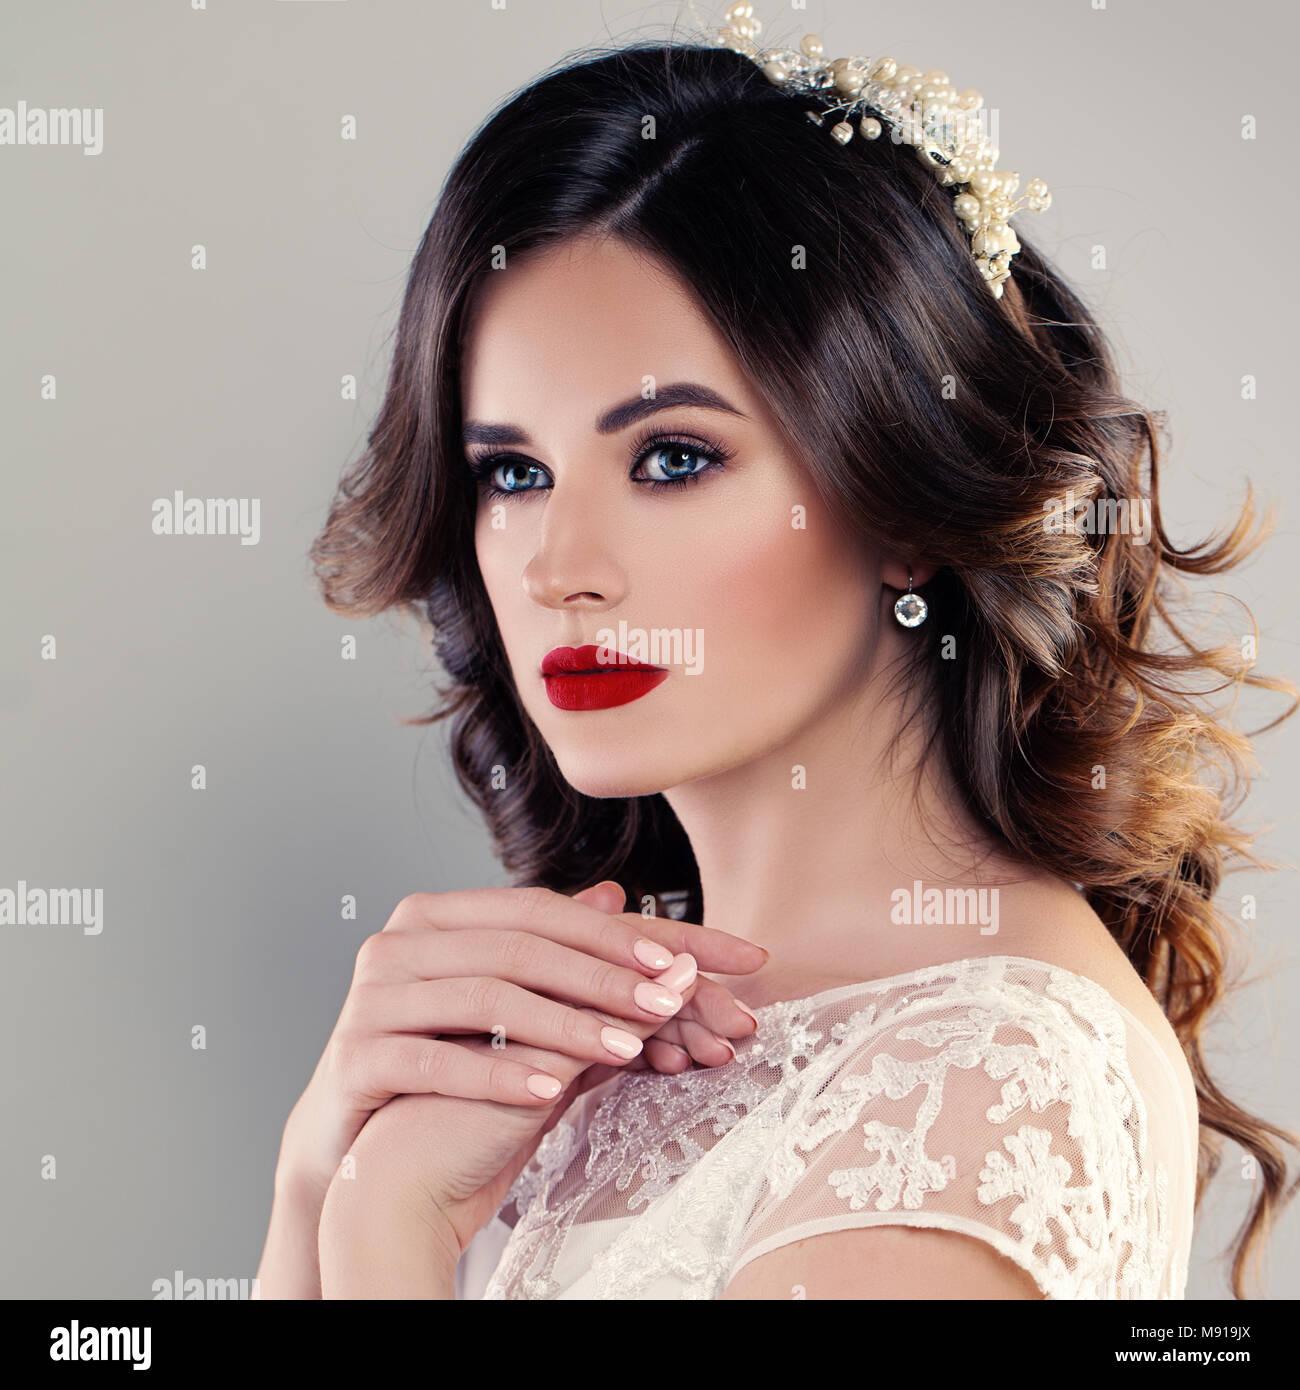 Retrato Perfecto De La Hermosa Novia Boda Con Peinado Y Maquillaje - Peinados-novia-boda